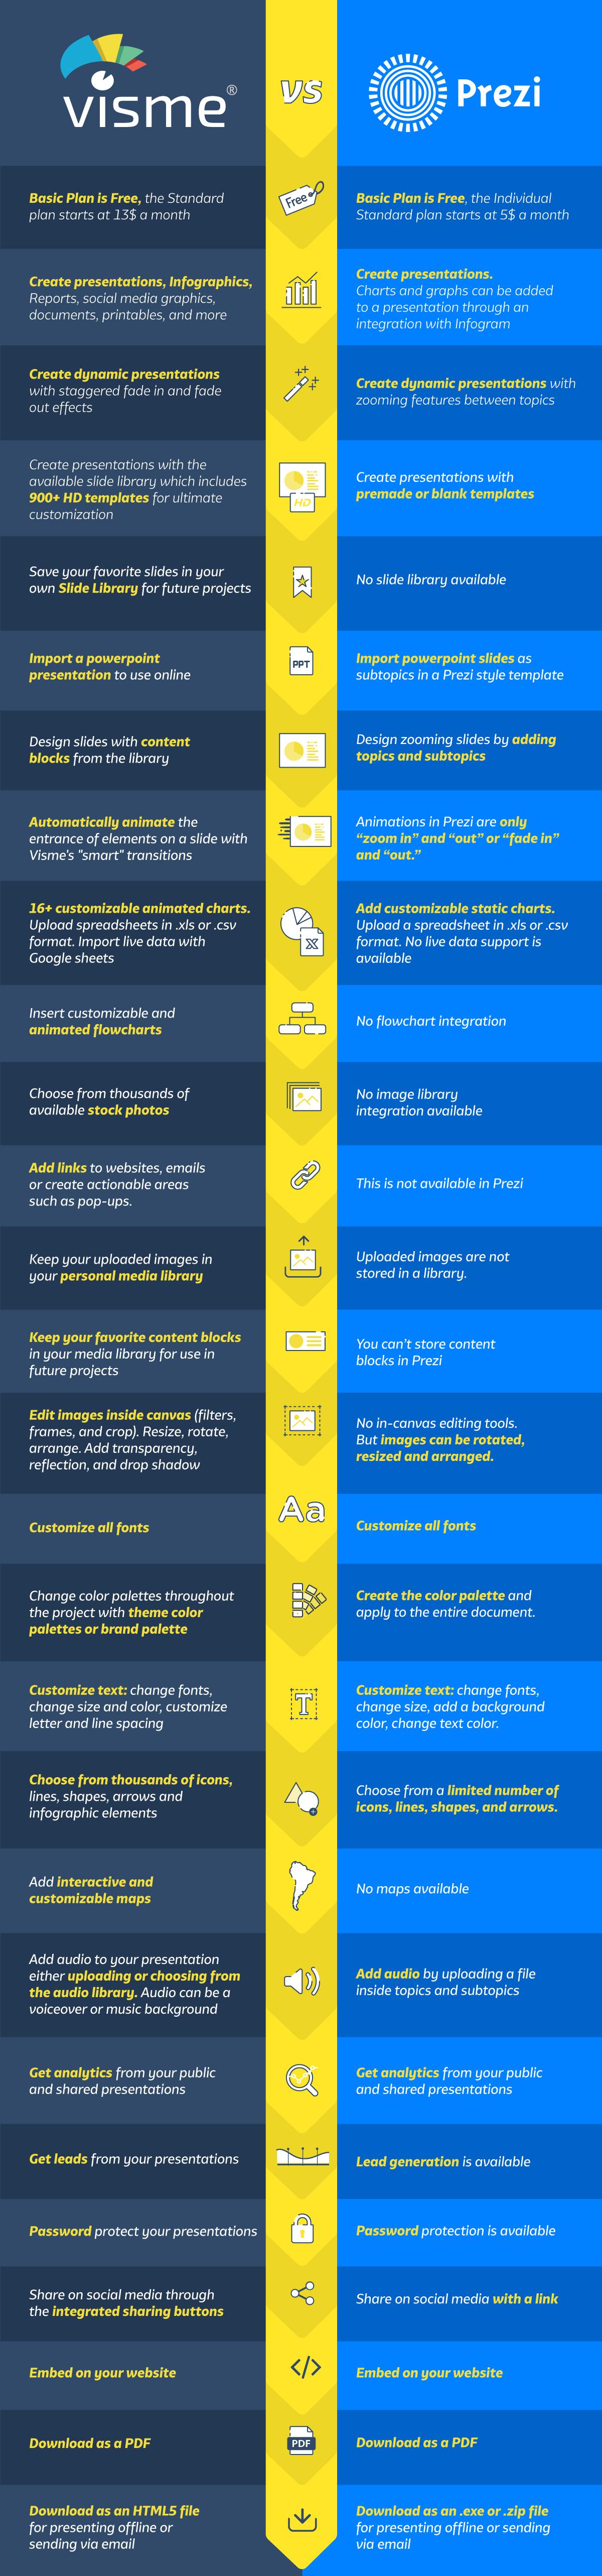 prezi alternative visme vs prezi comparison guide infographic